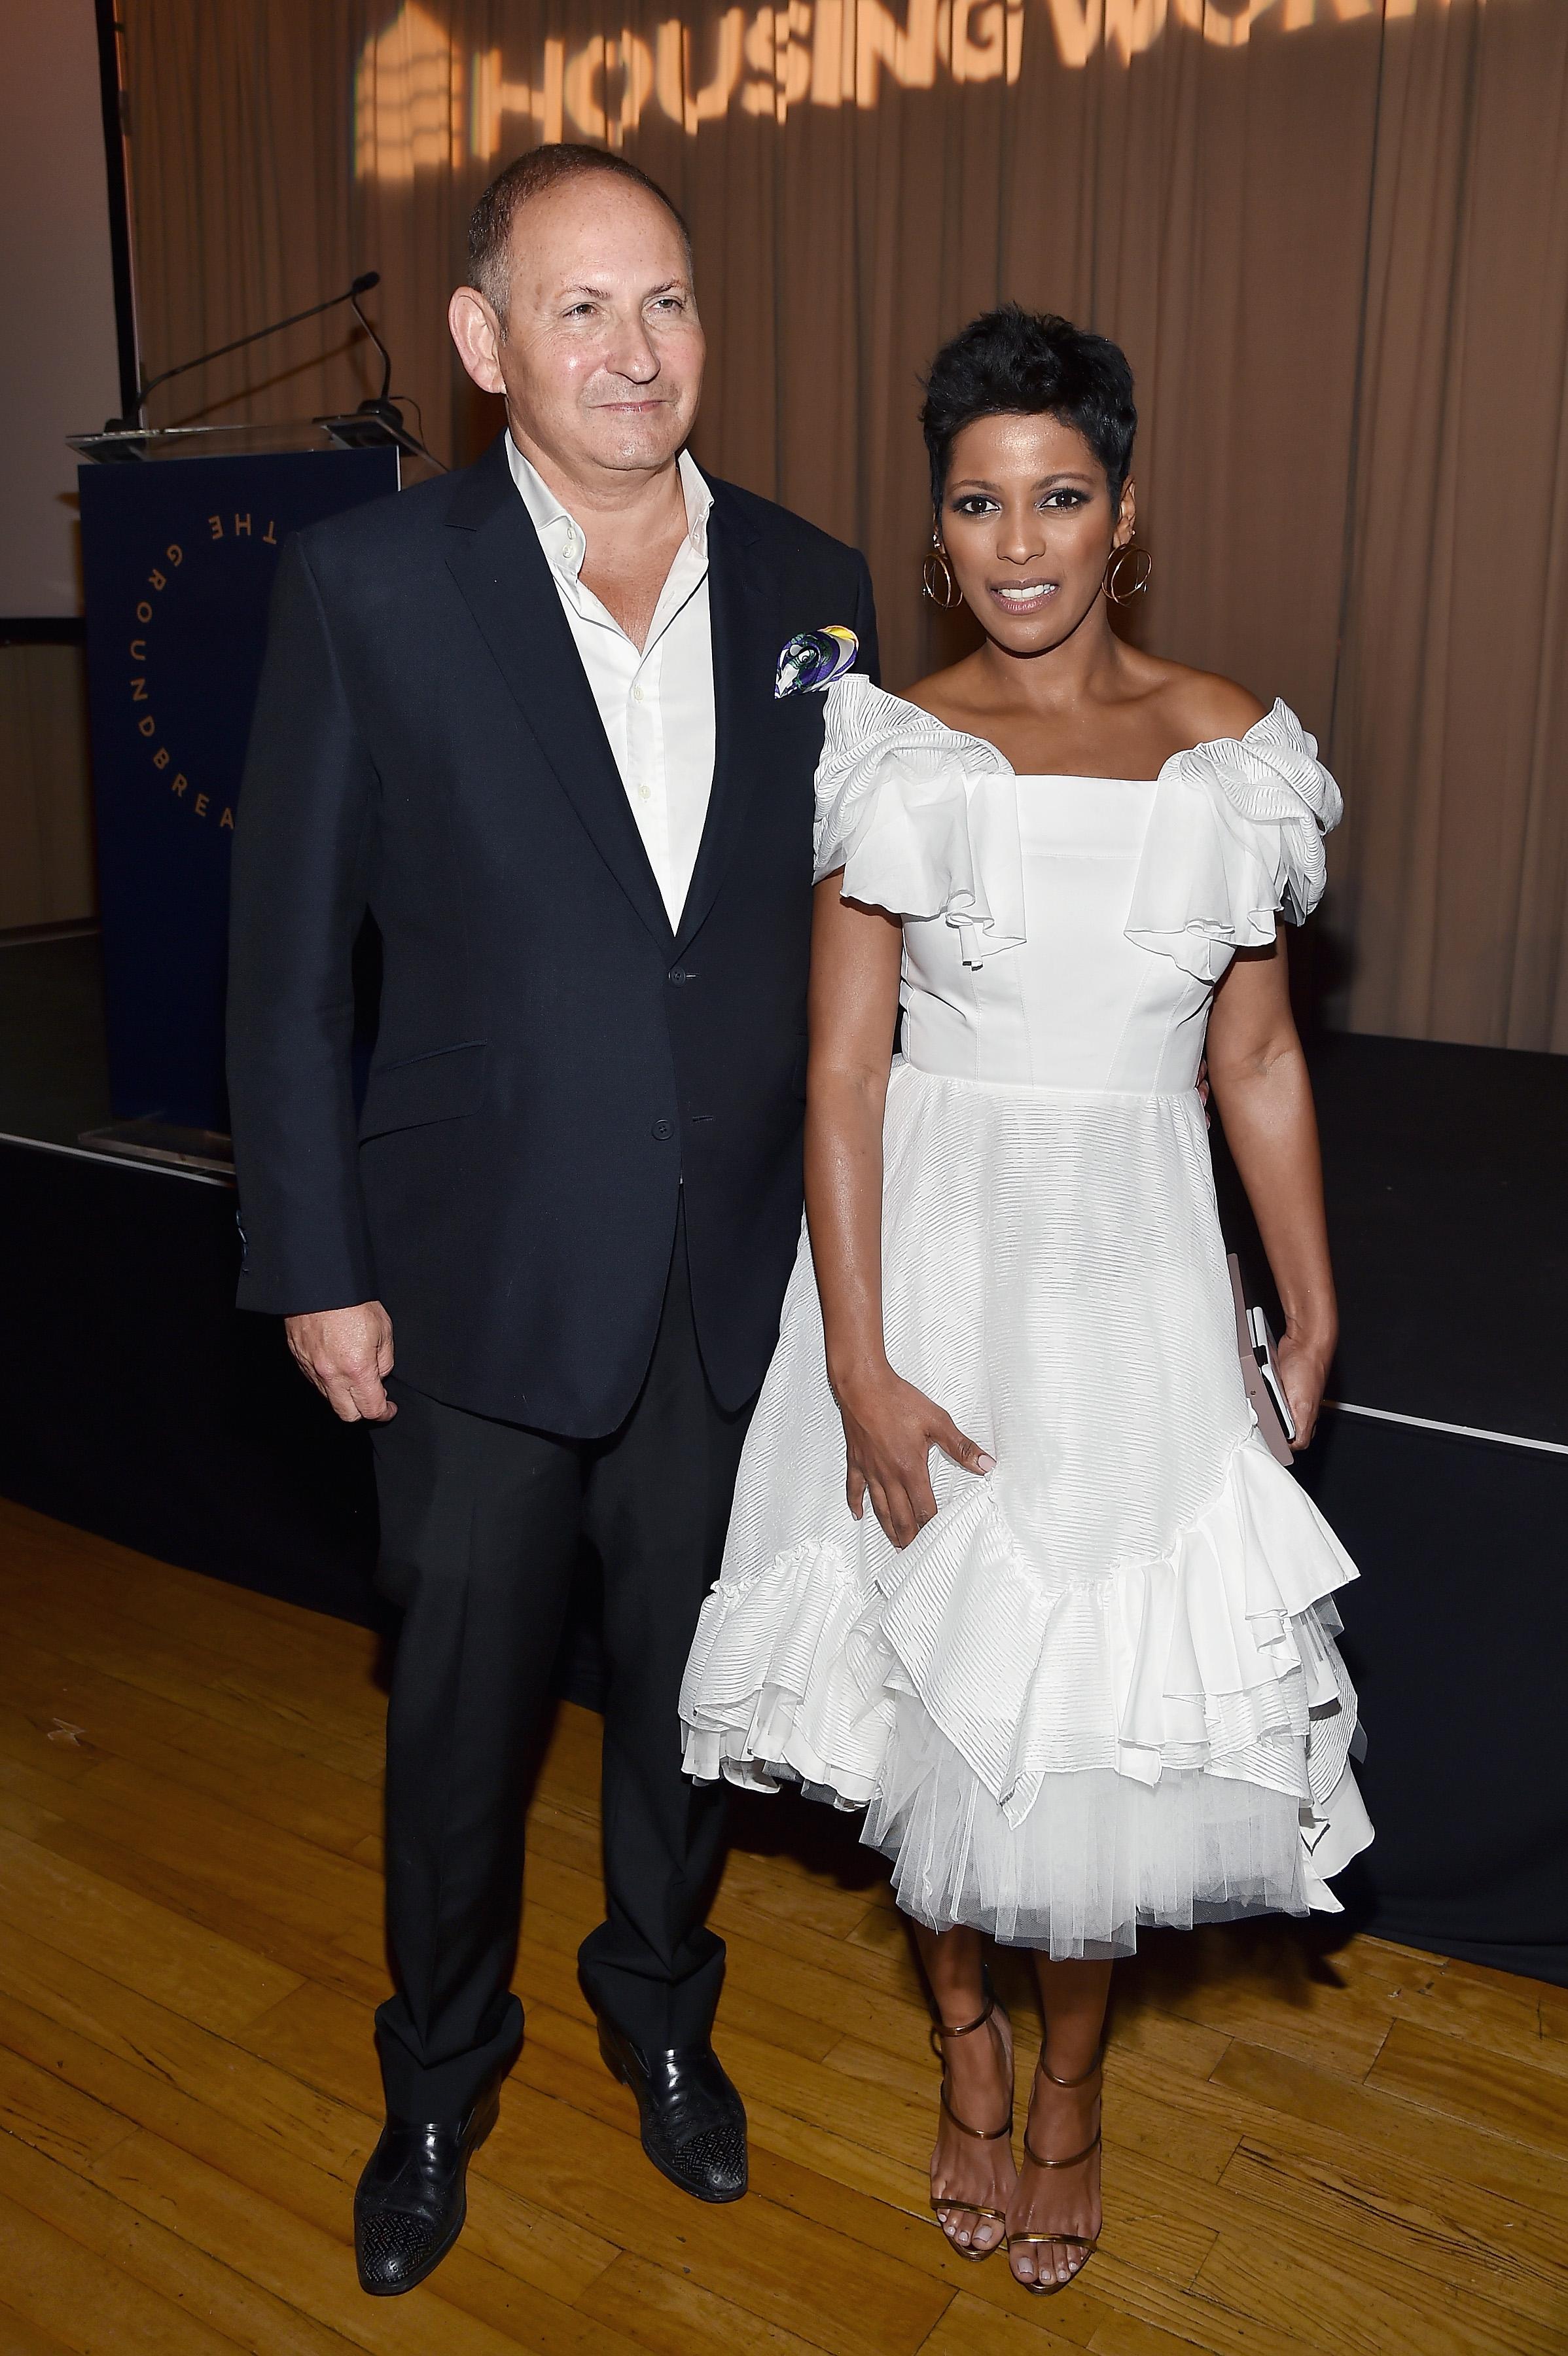 John Demsey, Tamron Hall==Housing Works' Groundbreaker Awards Dinner 2017==Metropolitan Pavilion, NYC==April 26, 2017==©Patrick McMullan==photo - Patrick McMullan/PMC==== John Demsey; Tamron Hall